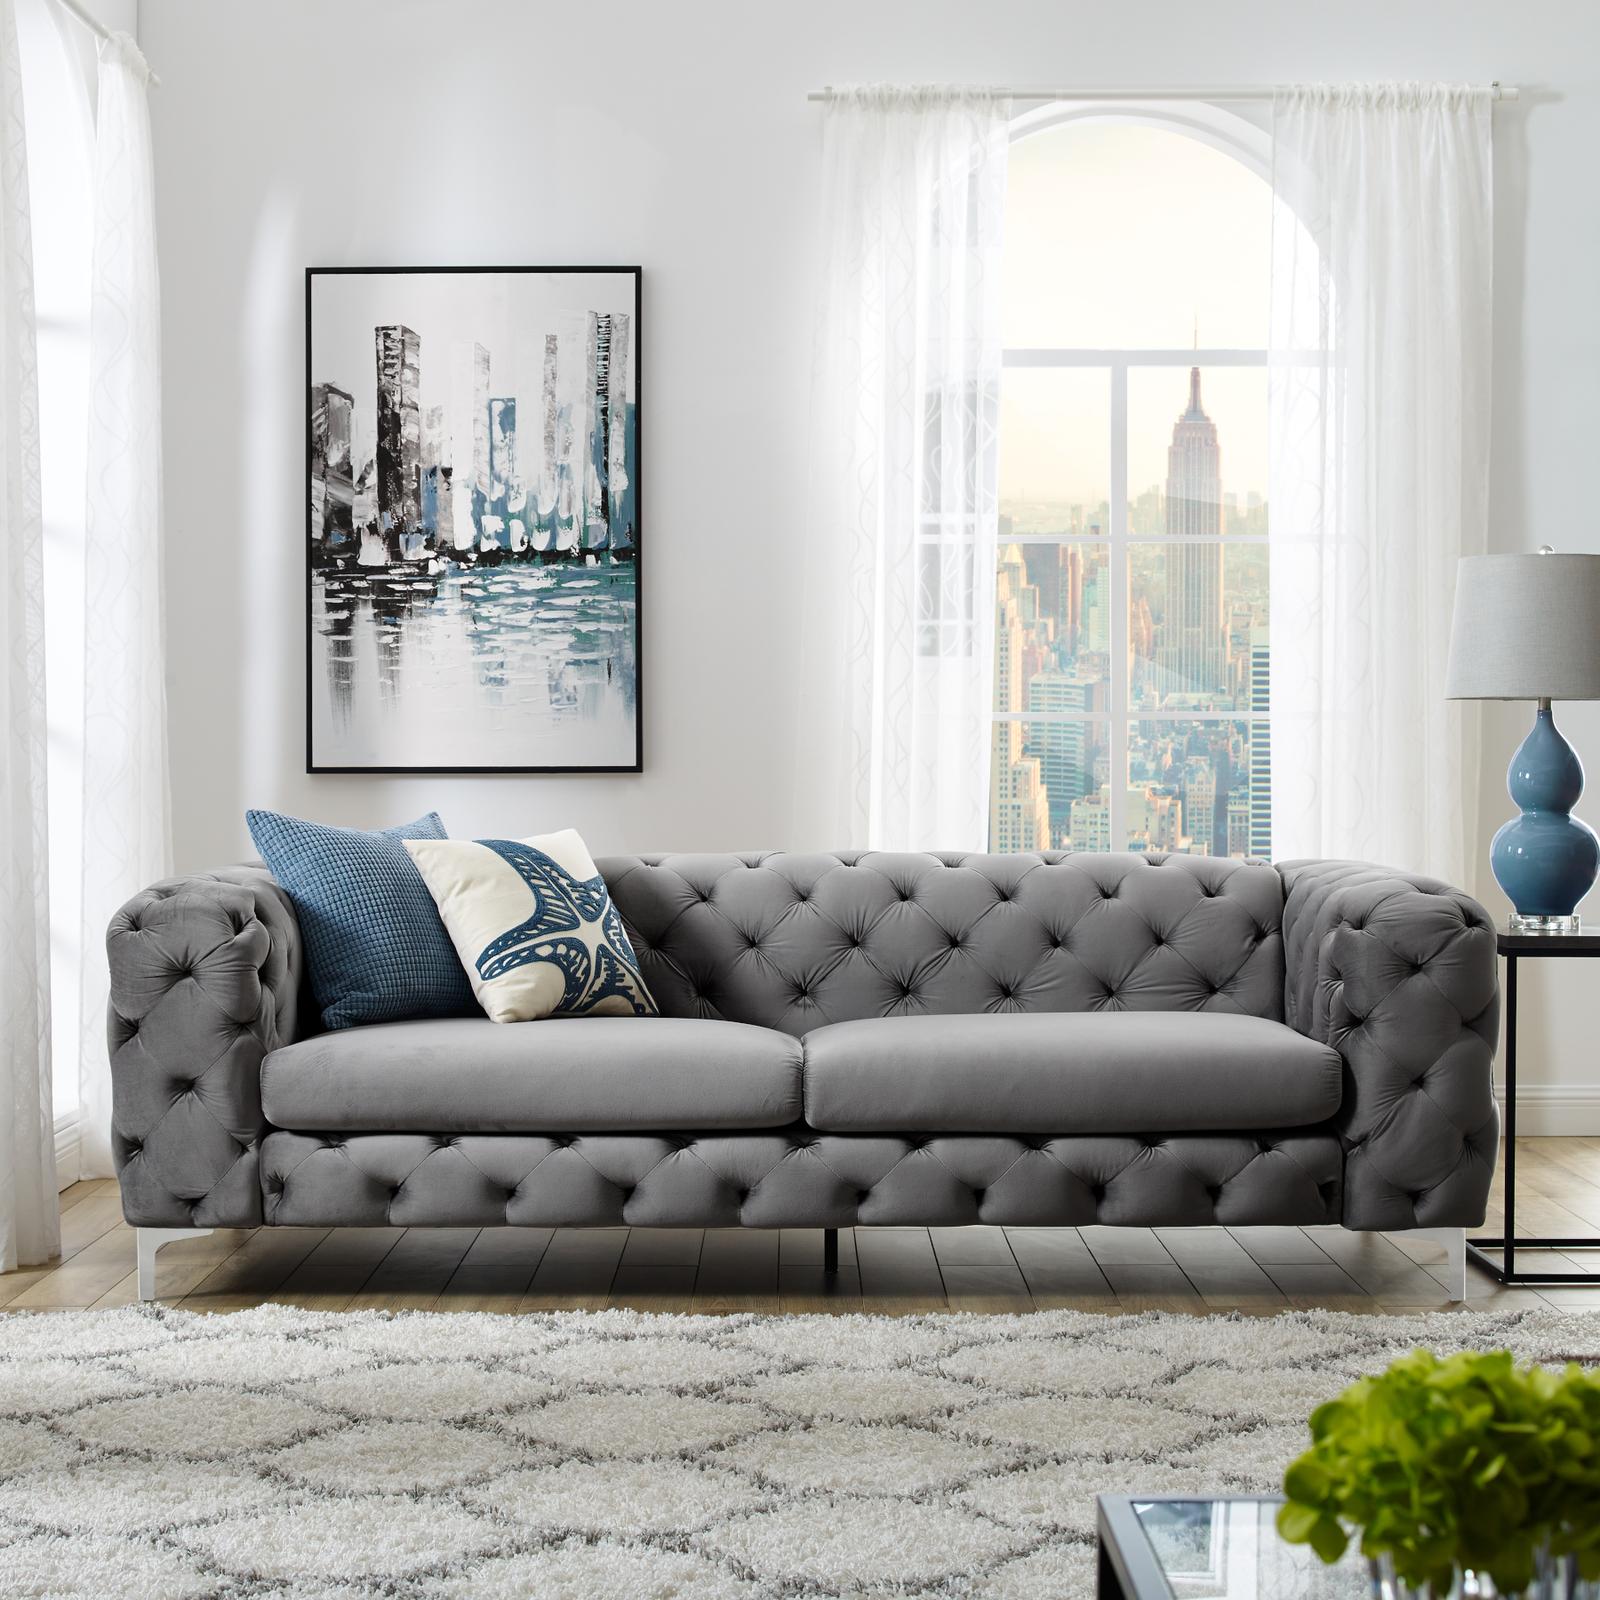 Full Size of Sofa 3 Sitzer Grau Extravagantes Samt Modern Barock Couch überzug Englisches Landhausküche 2 1 Eck Federkern Zweisitzer Lila 5 Indomo Graues Rc3 Fenster Sofa Sofa 3 Sitzer Grau